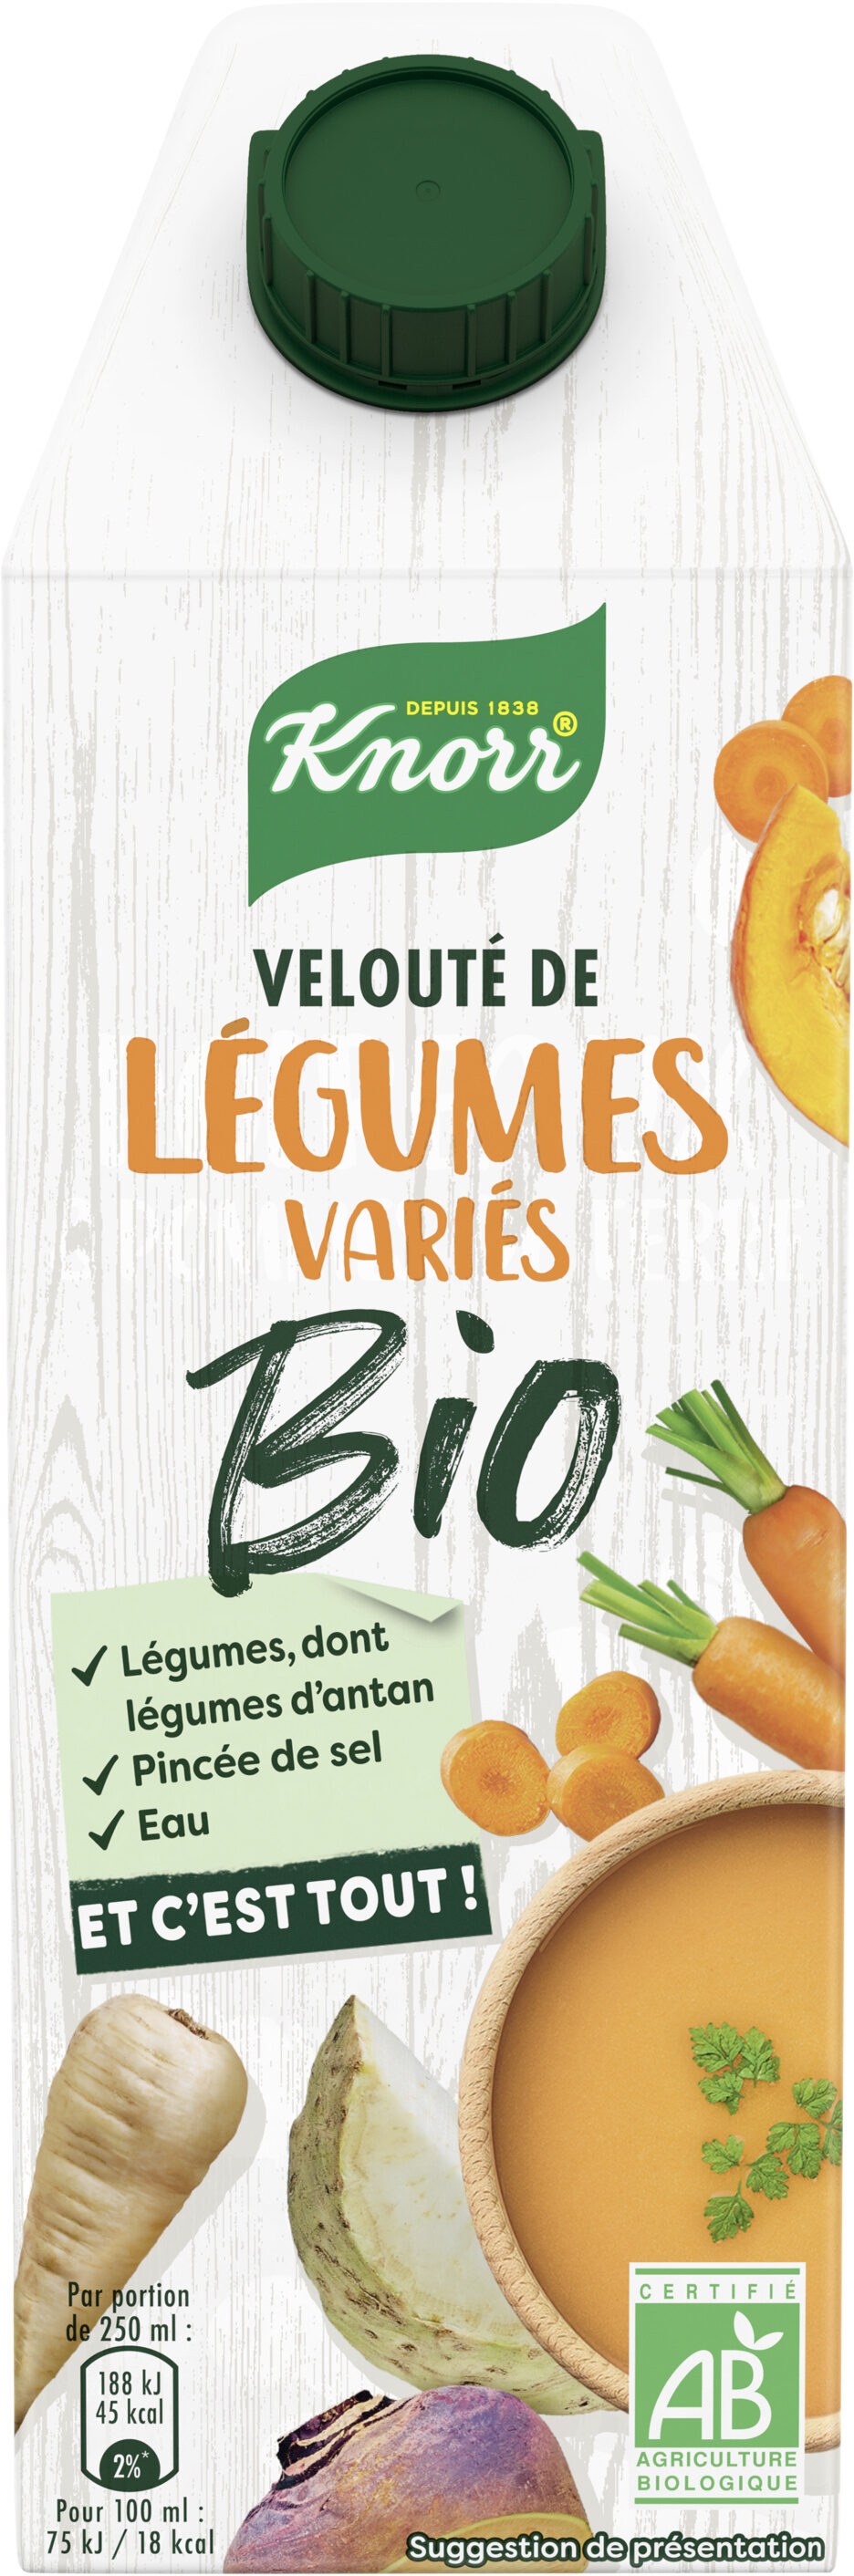 Knorr Velouté Bio de Légumes Variés - Prodotto - fr